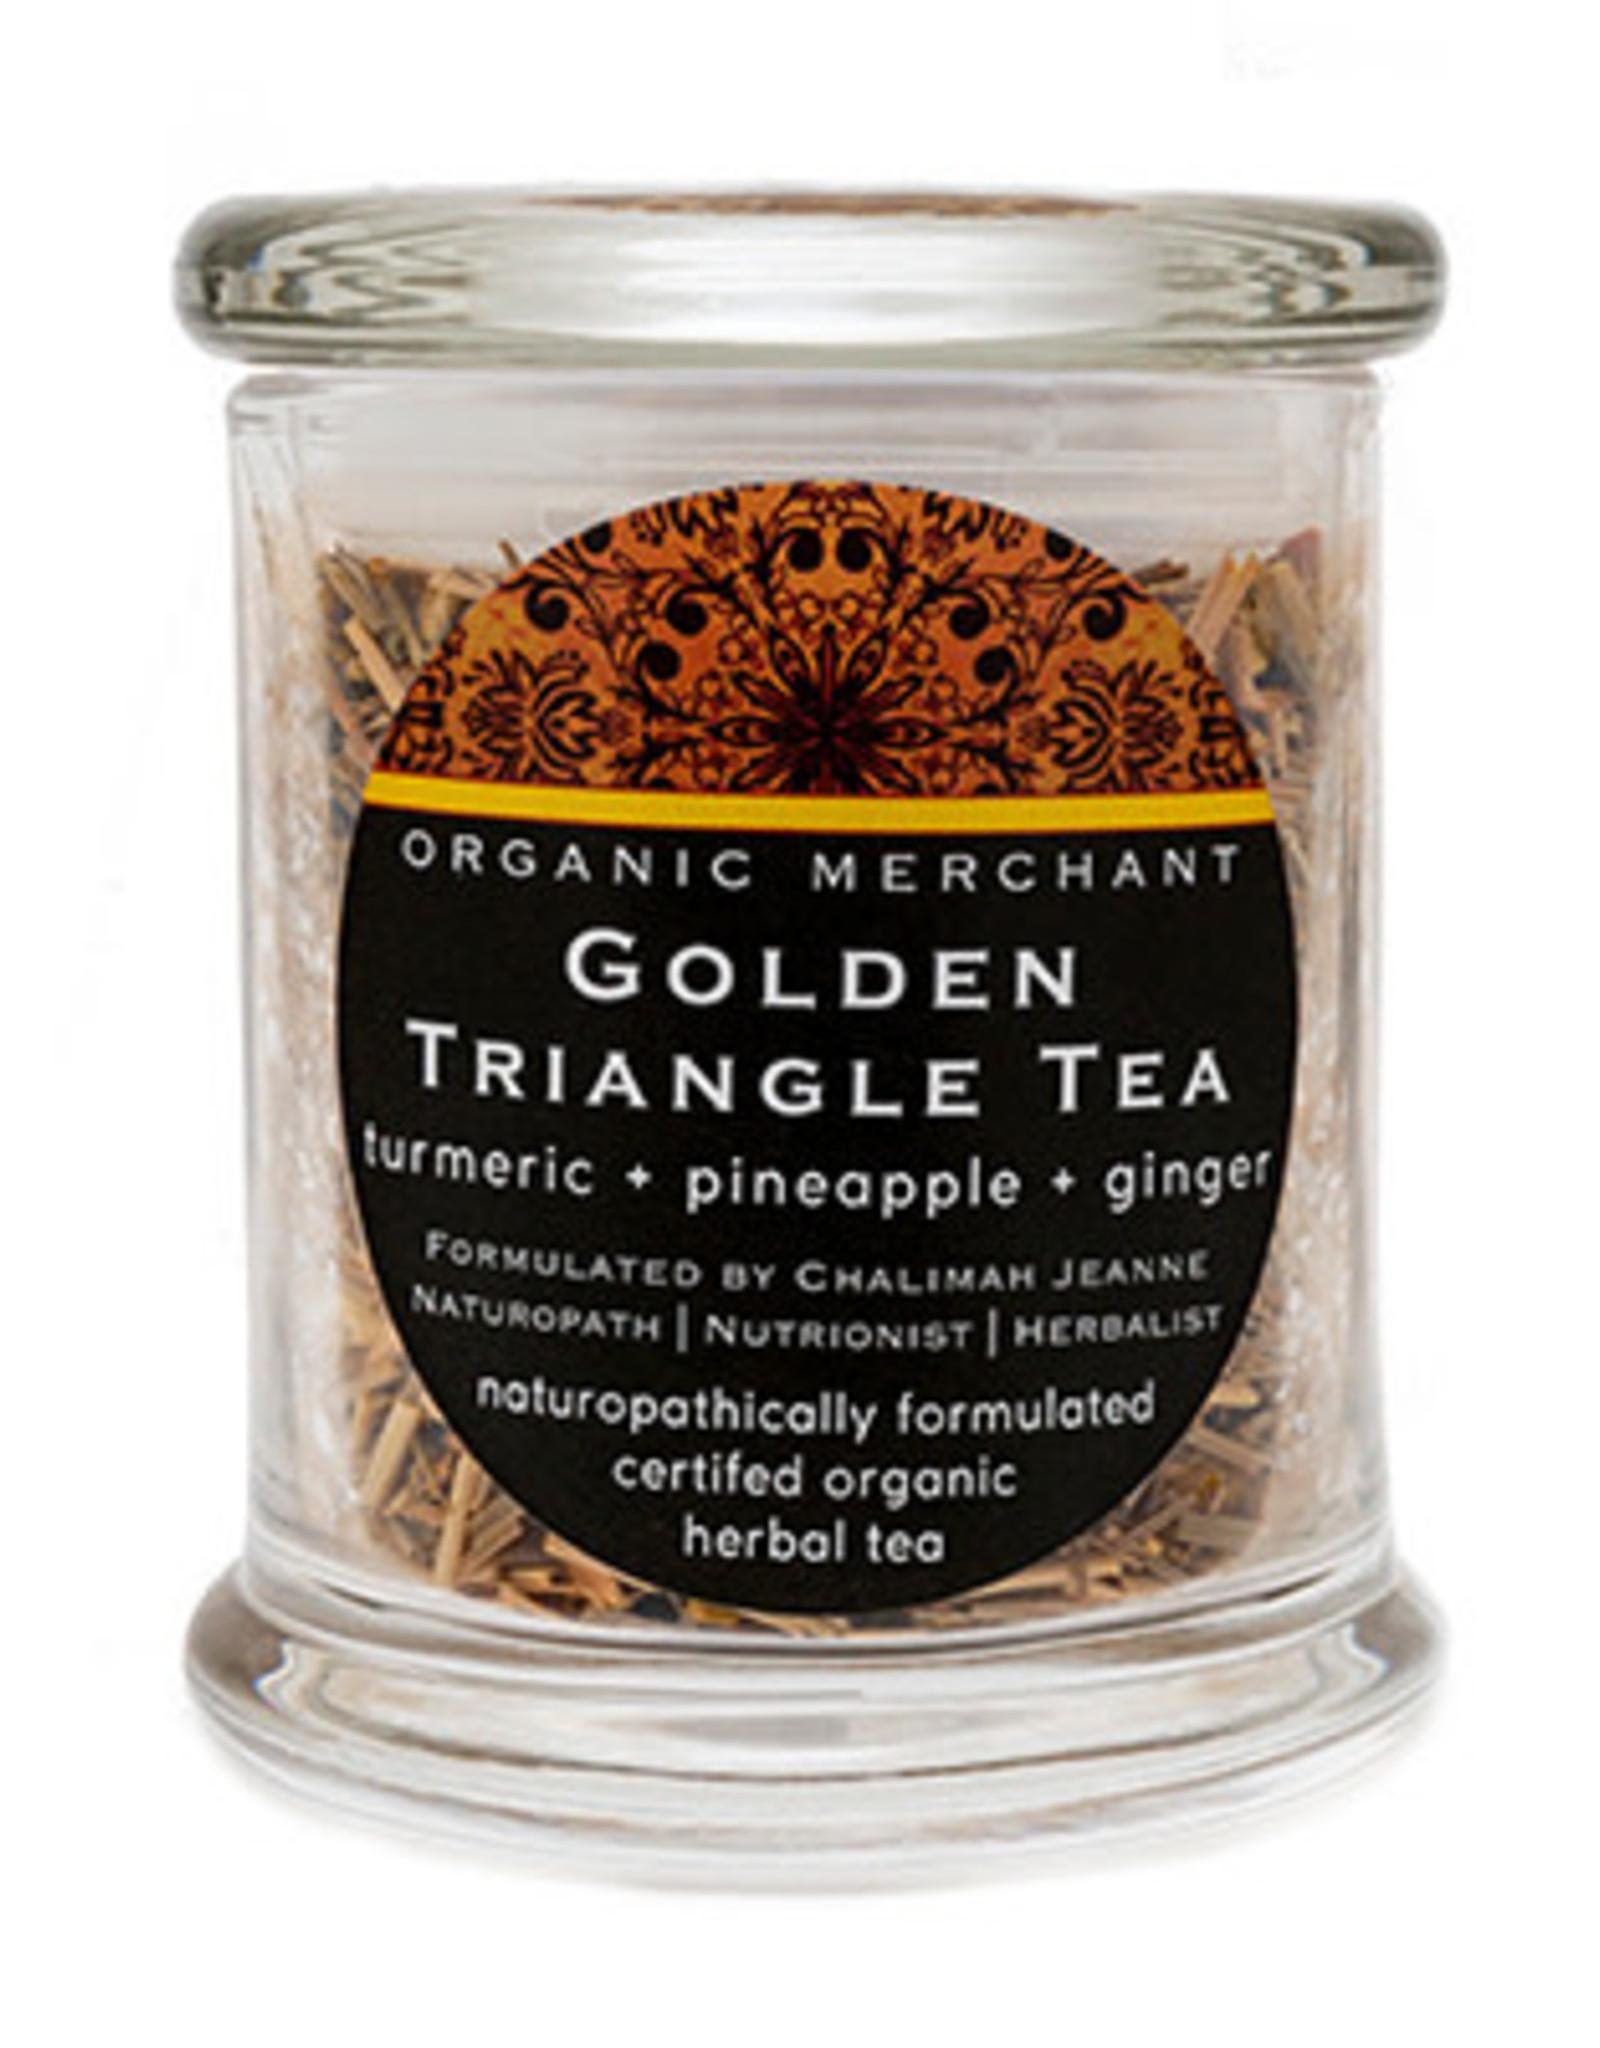 Organic Merchant Golden Triangle Tea 80g